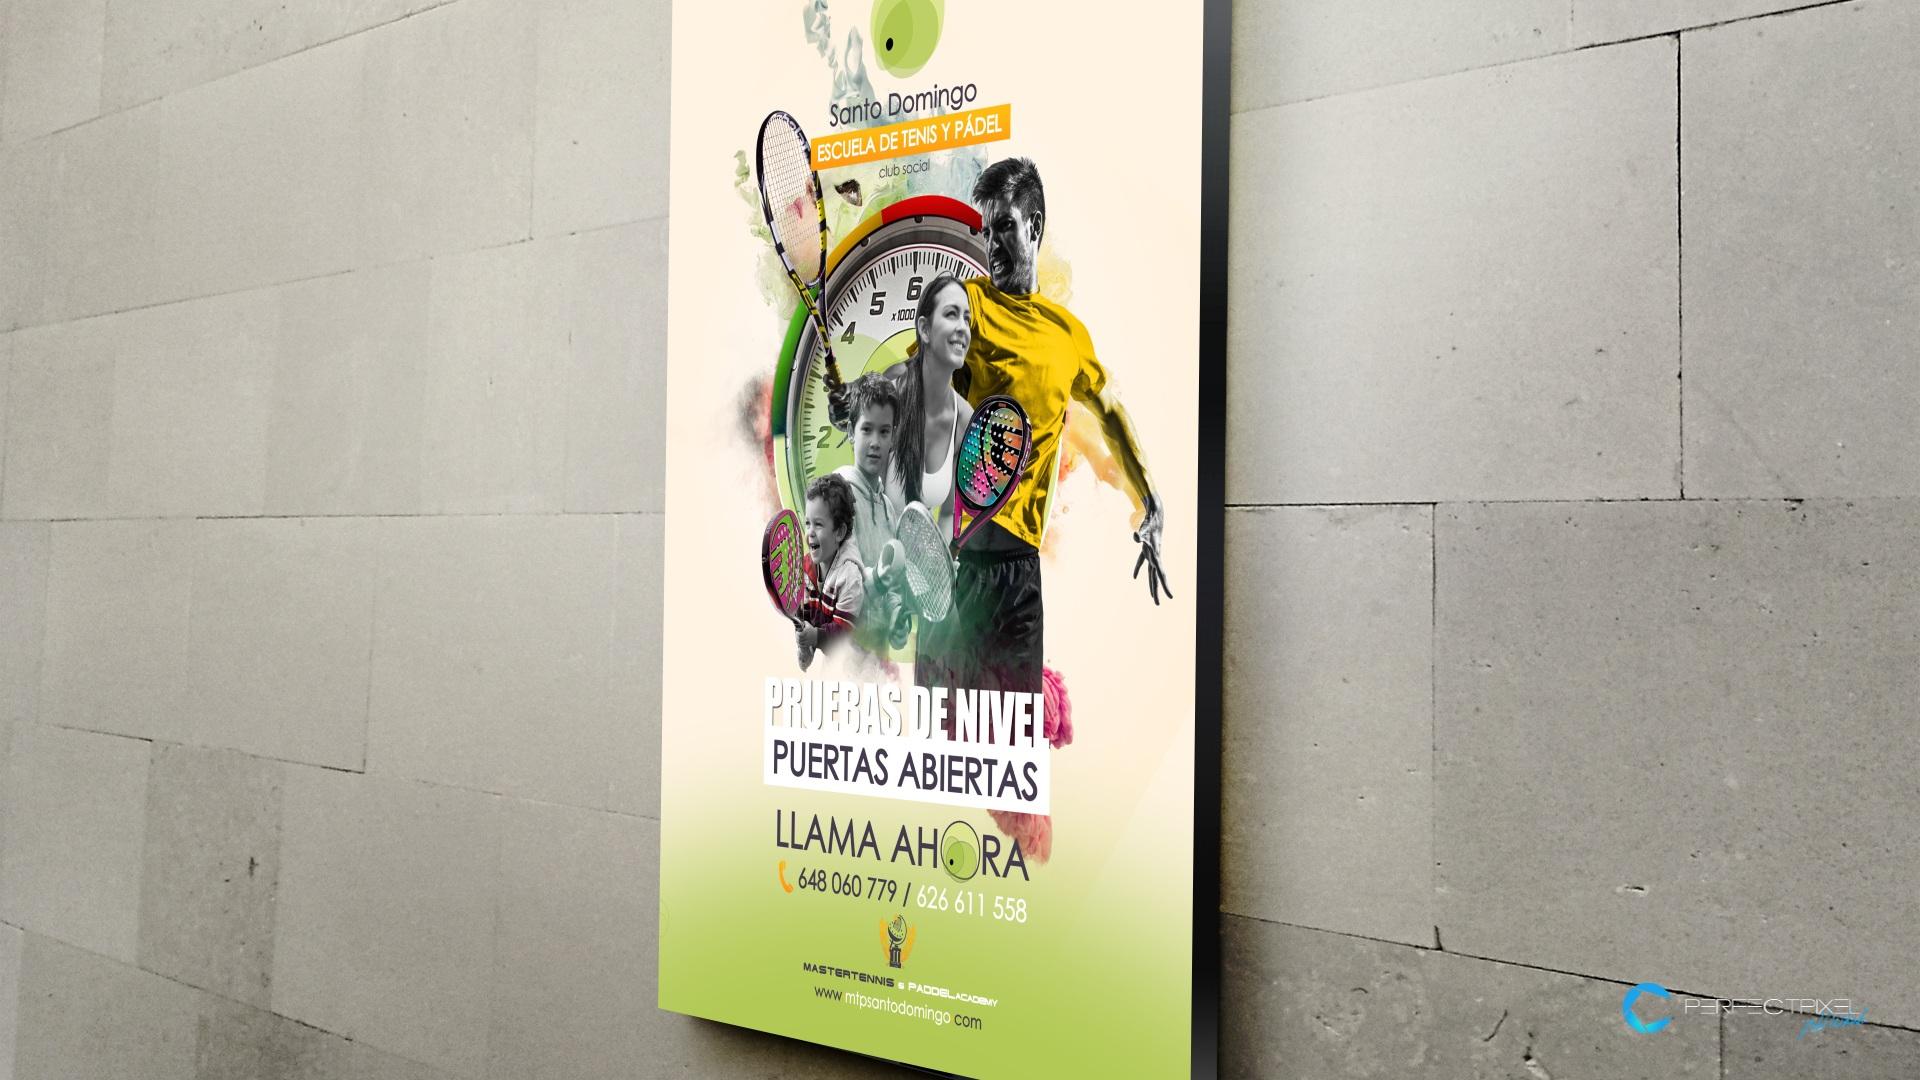 Diseno Carteles Publicitarios Perfectpixel Publicidad Agencia De